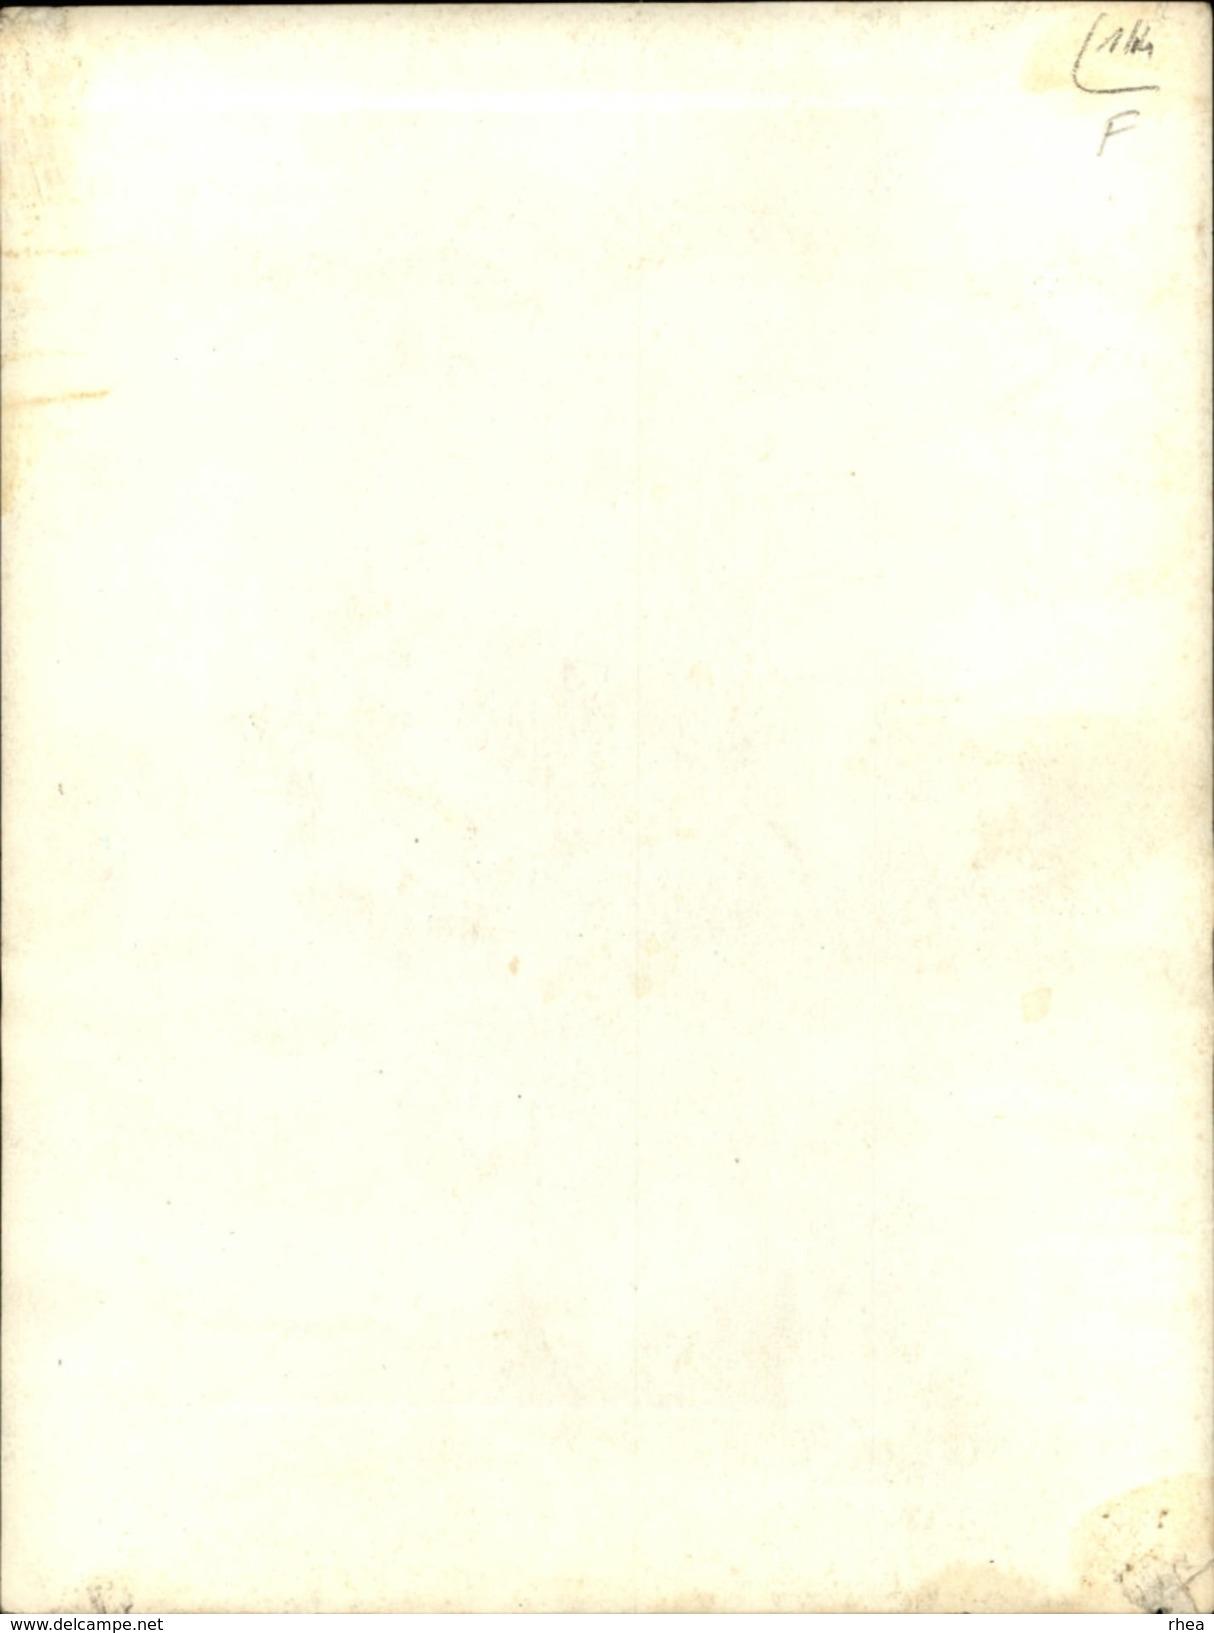 AUTOGRAPHES - CELEBRITES - FREDDY DANIEL - Théâtre PACRA à Paris - Dédicace - Harcourt - Autographes